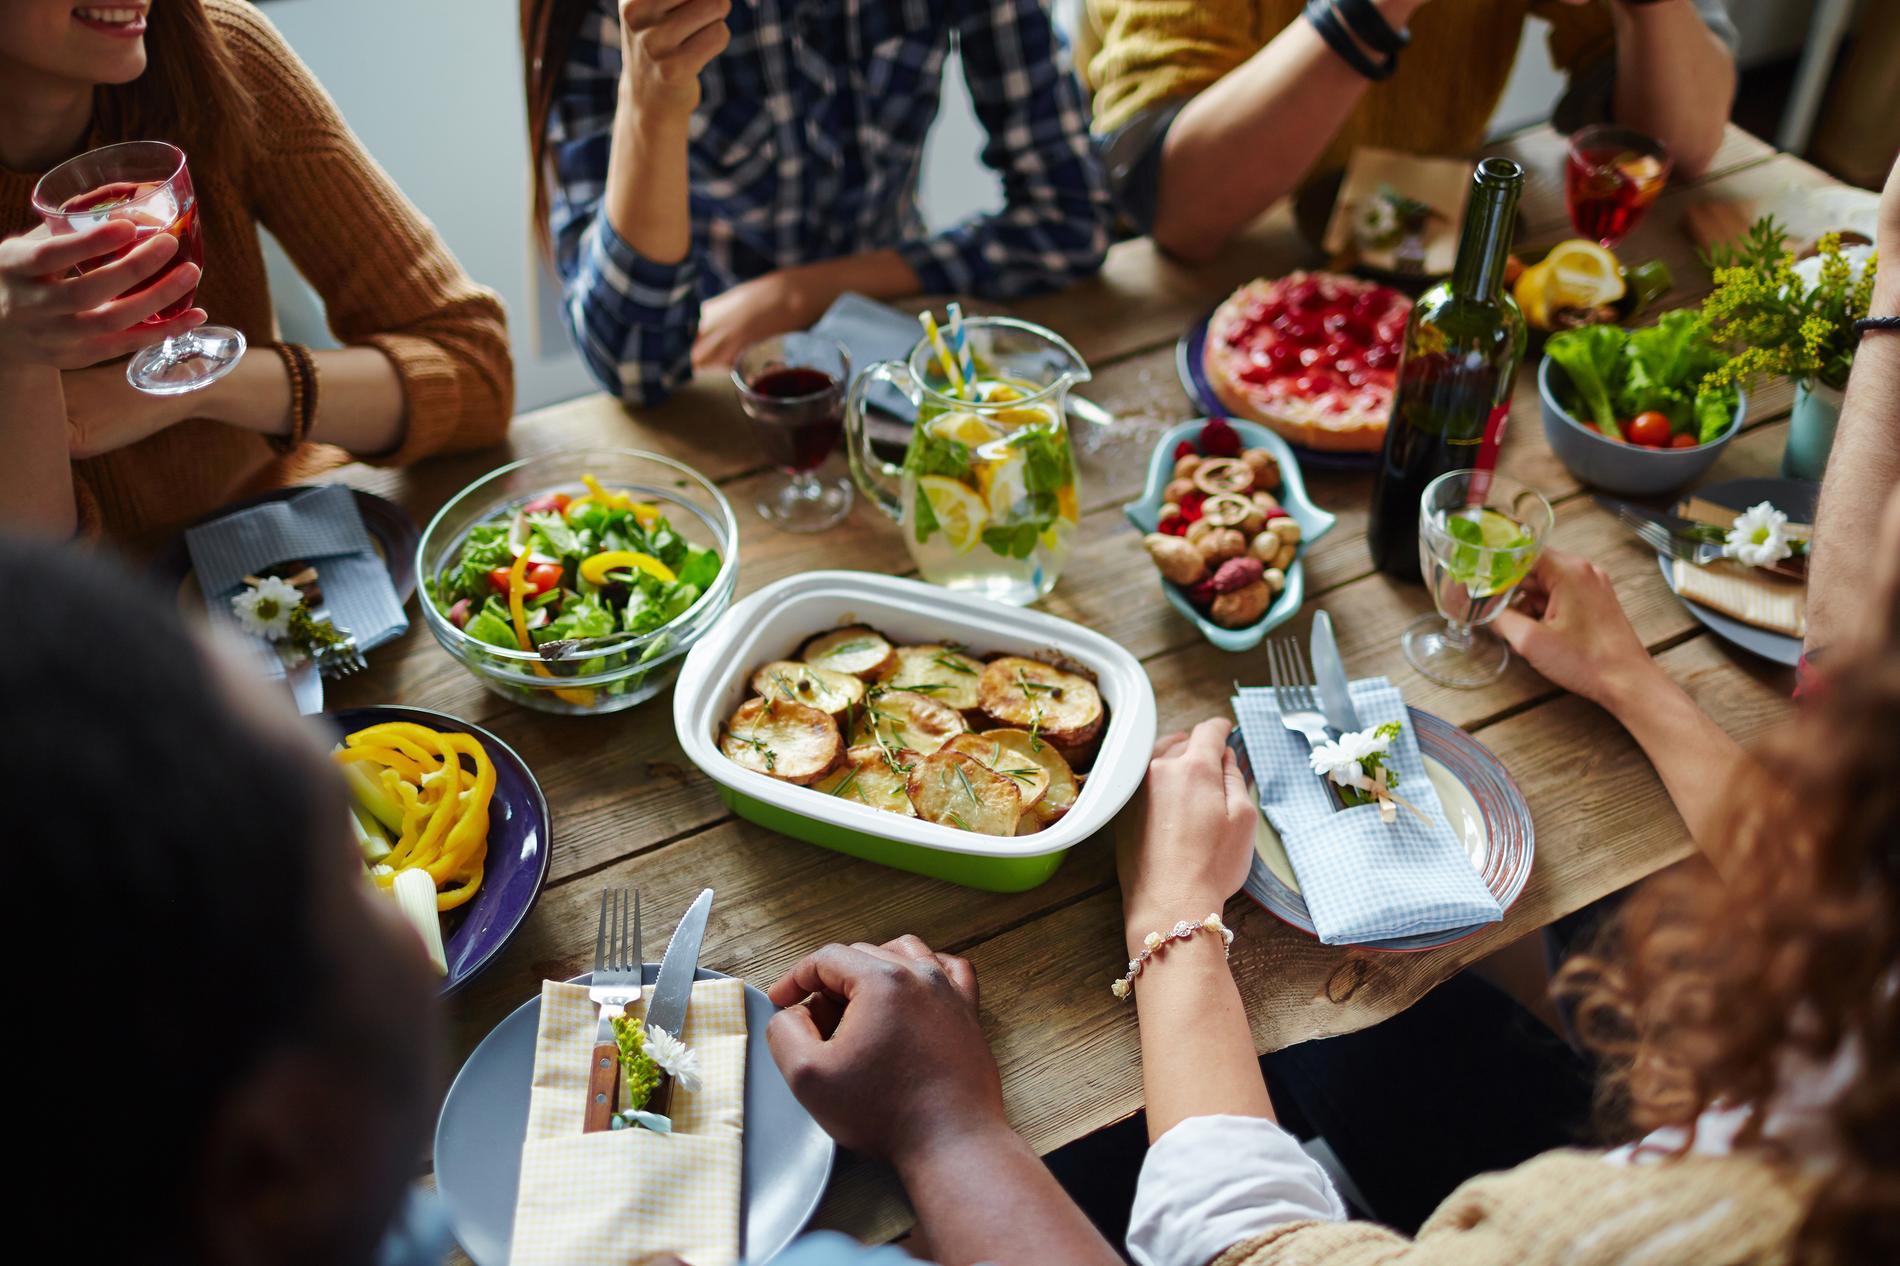 Idée Diner Entre Amis Recettes entre amis : Recettes faciles et rapides   Cuisine